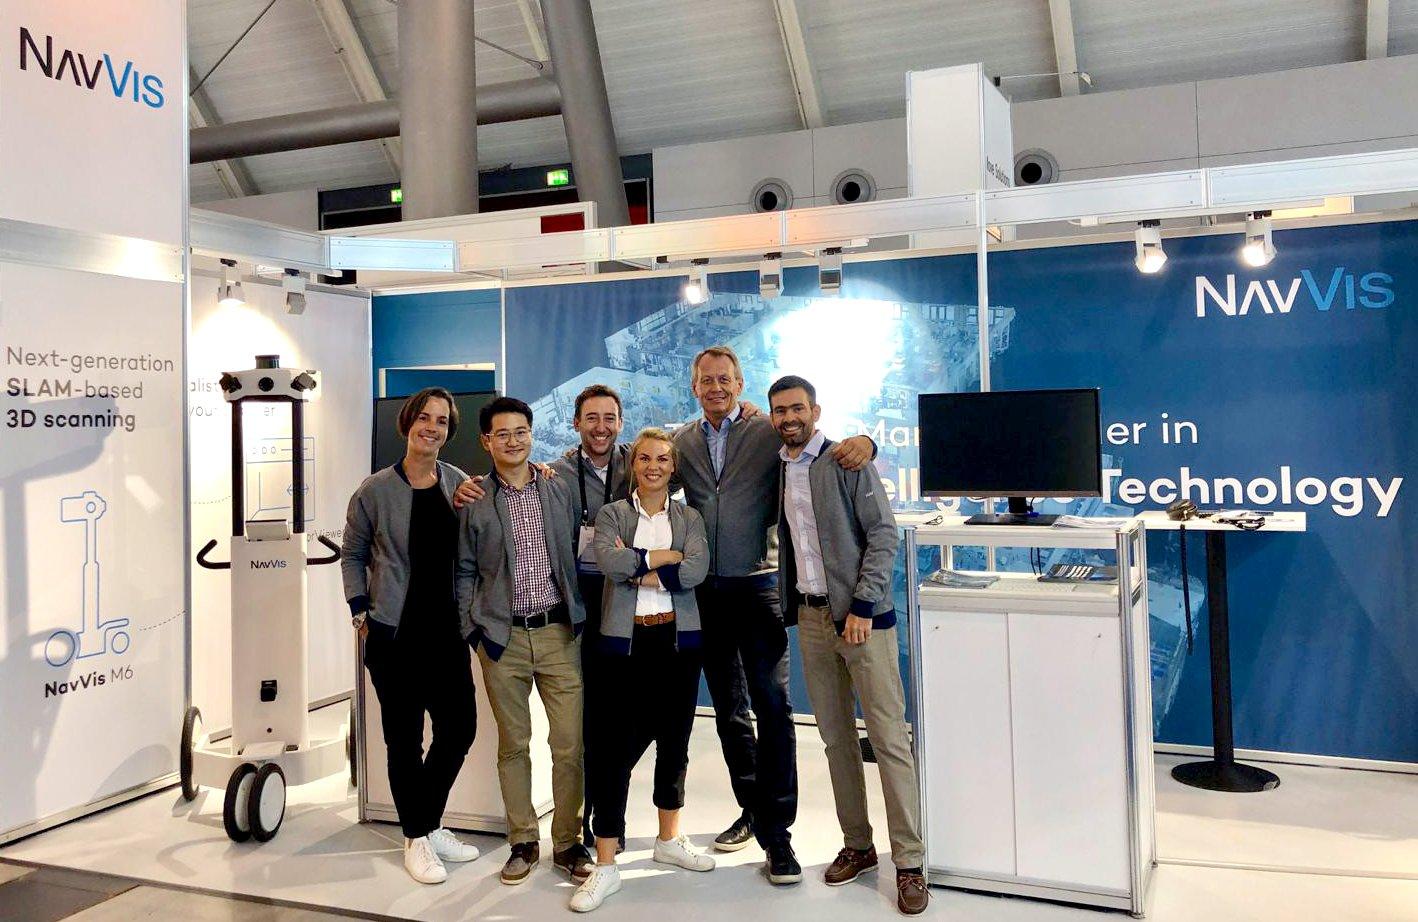 NavVis team at INTERGEO 2019